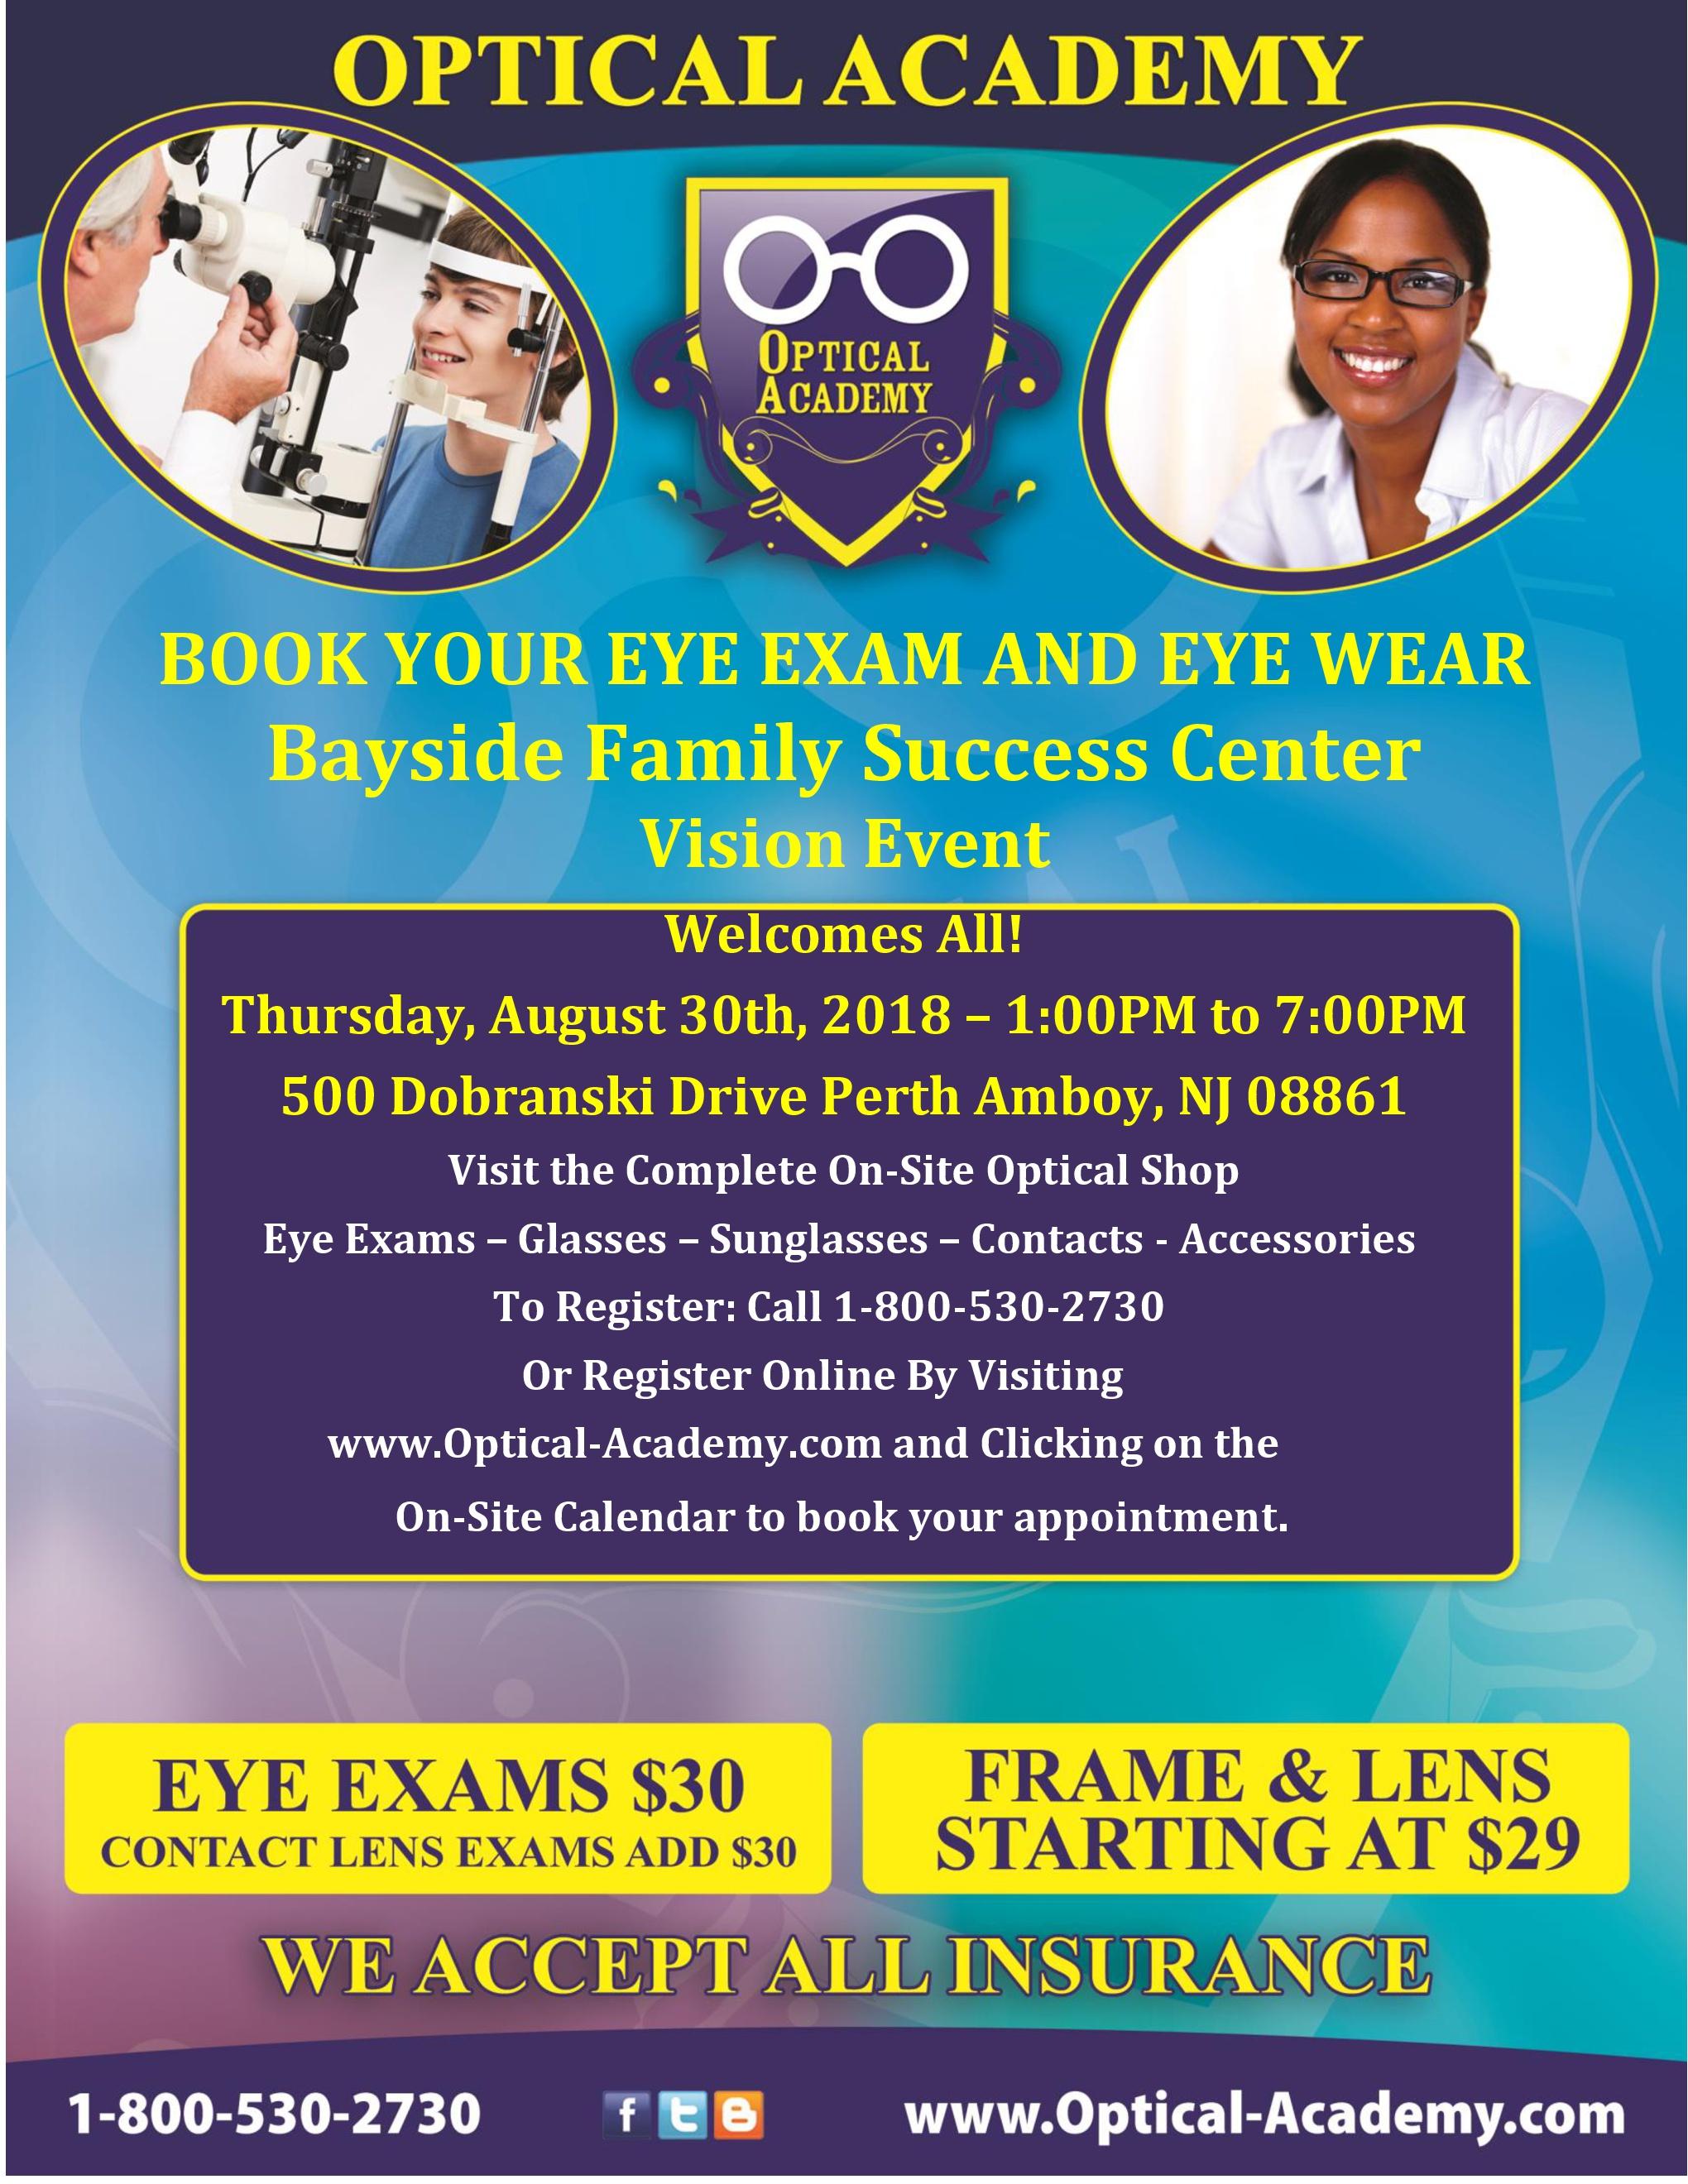 Optical Academy eye exam day